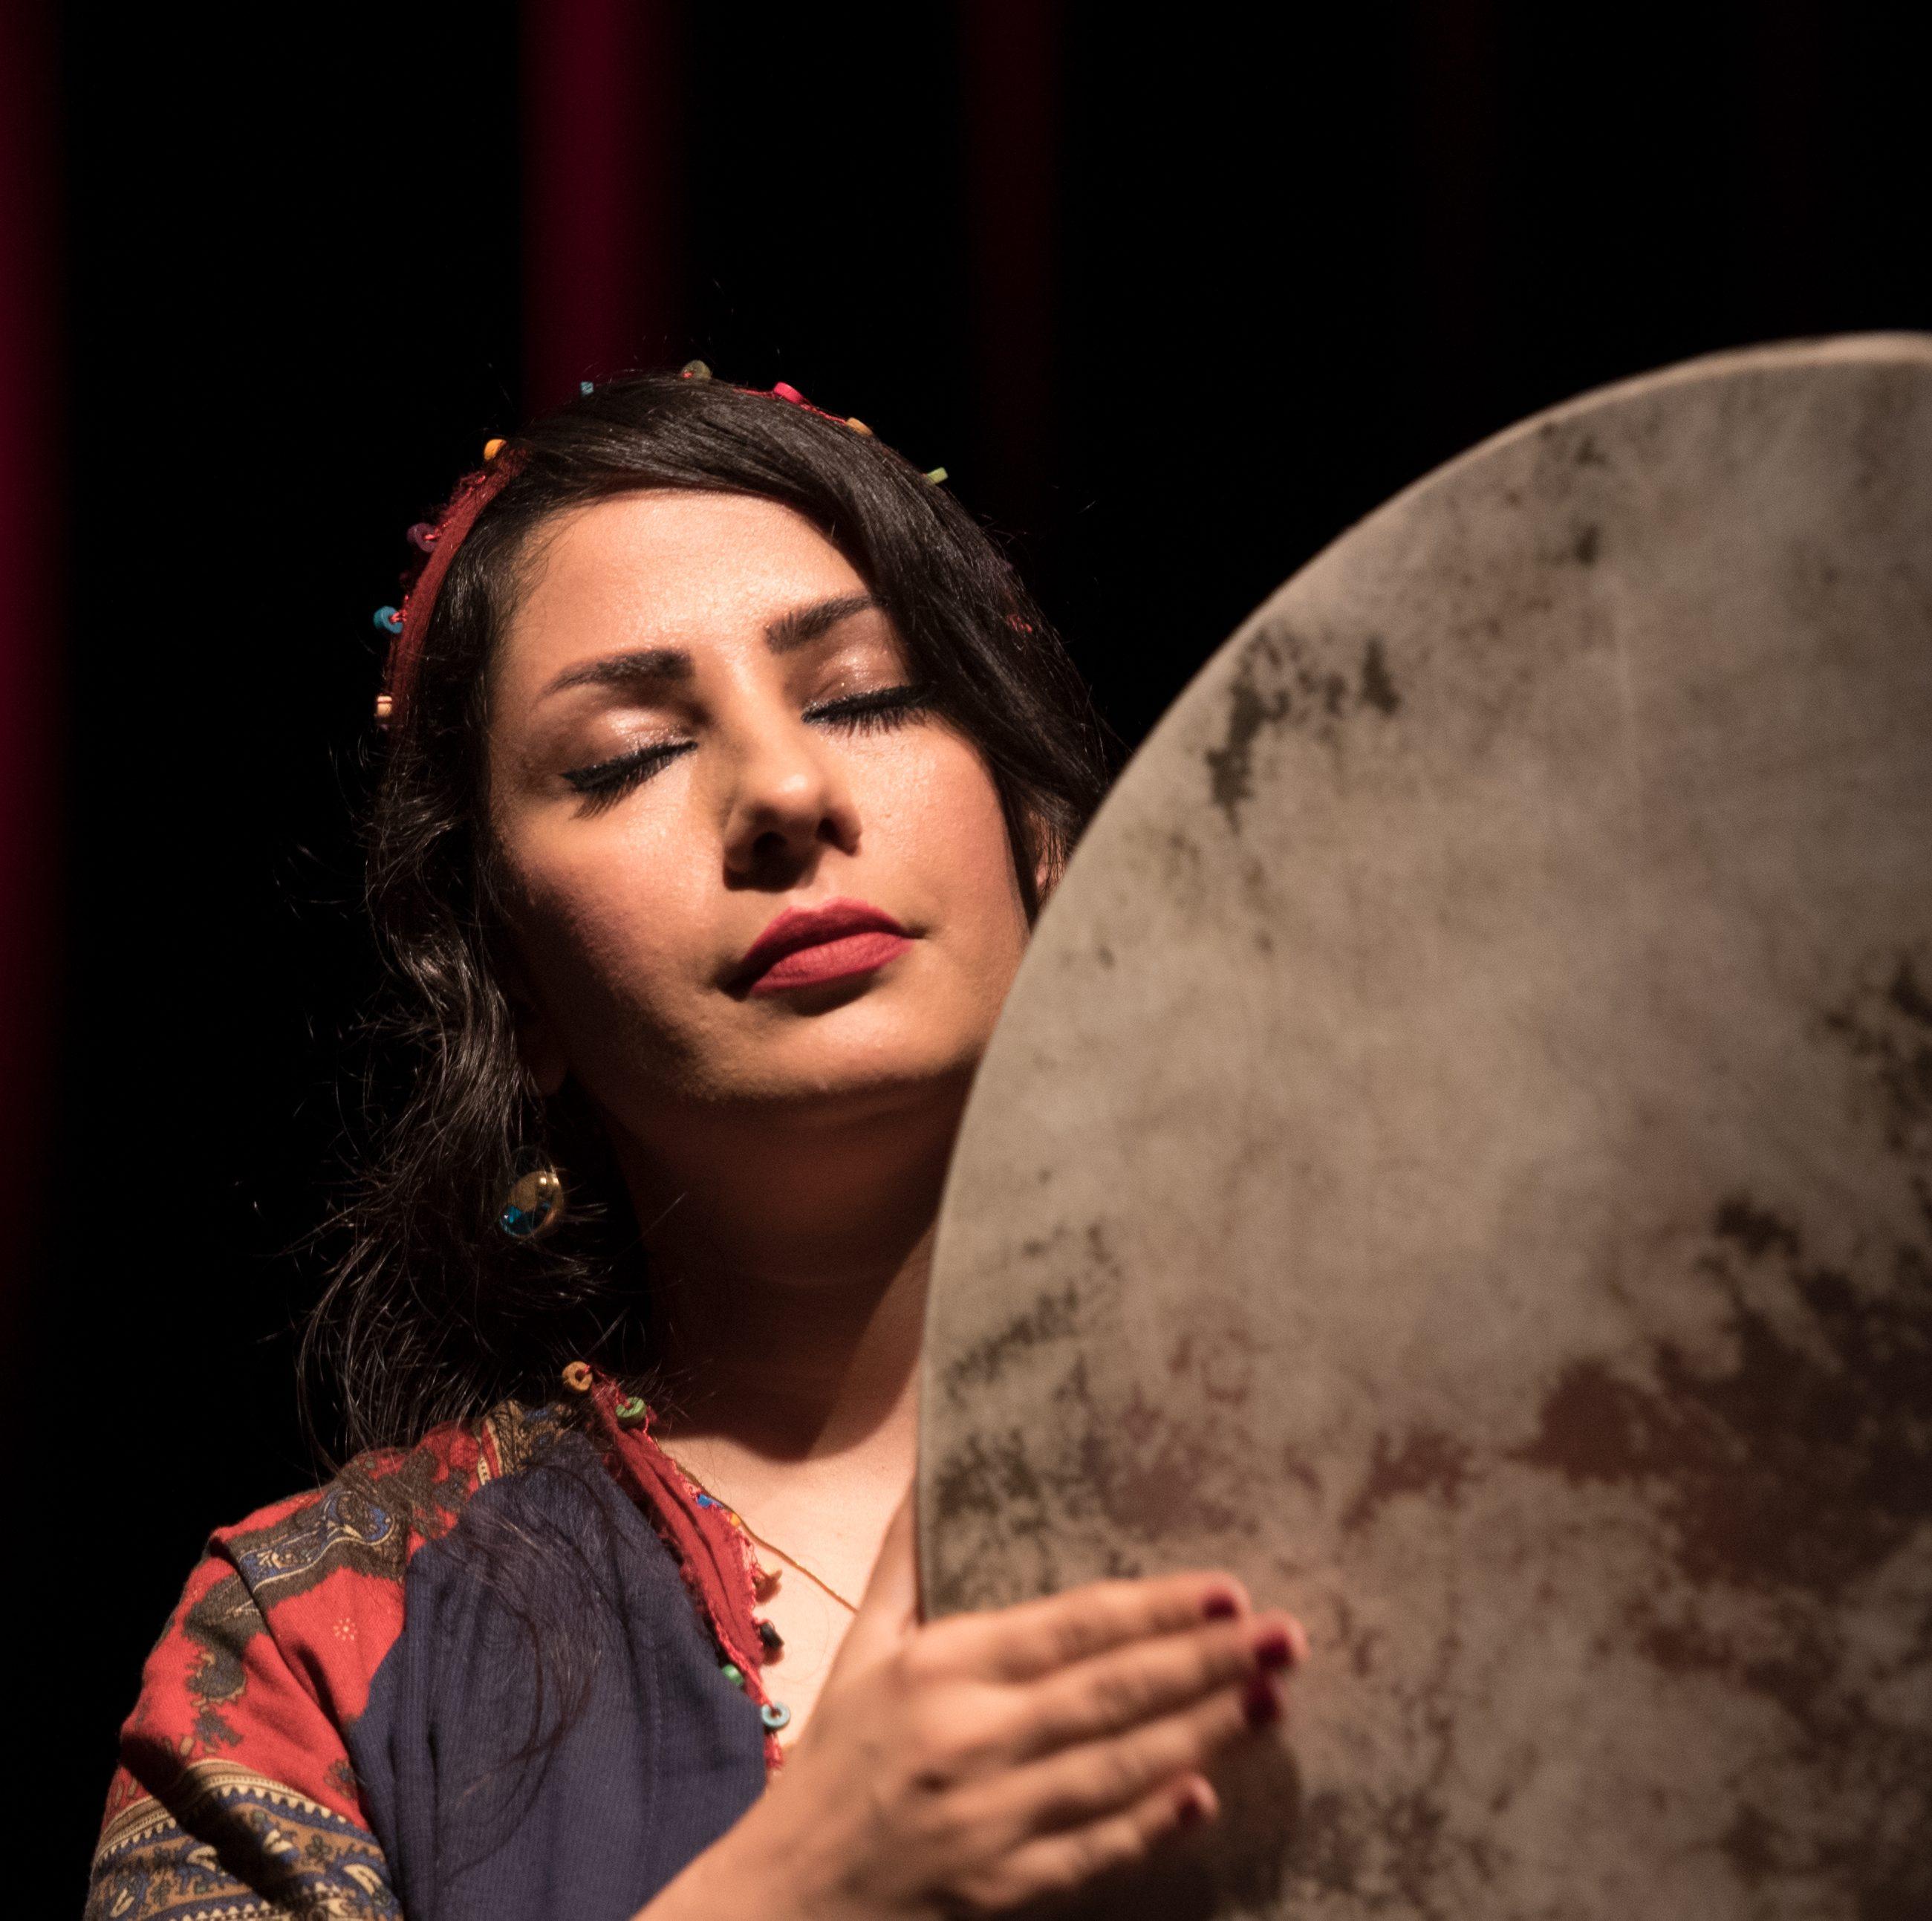 Persische und spirituelle Musik der Sufis mit Maryam Hatef und Mohsen Taherzadeh am 4. Juli 2019